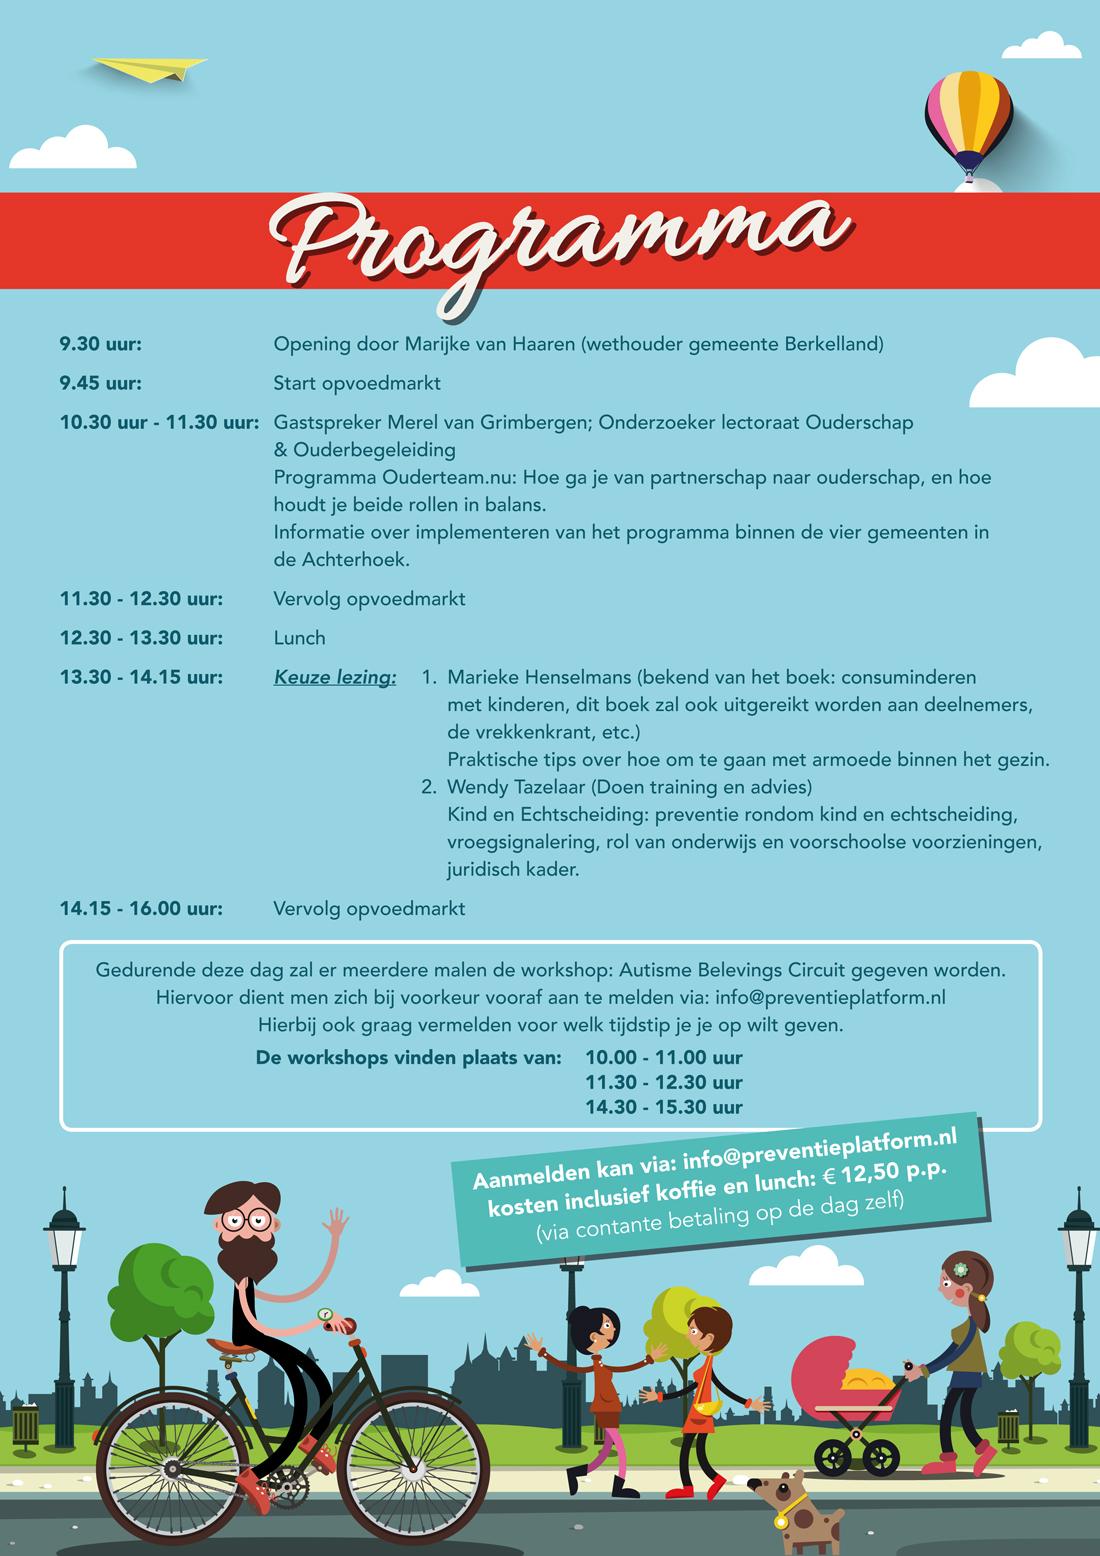 poster 9 oktober programma - professionals